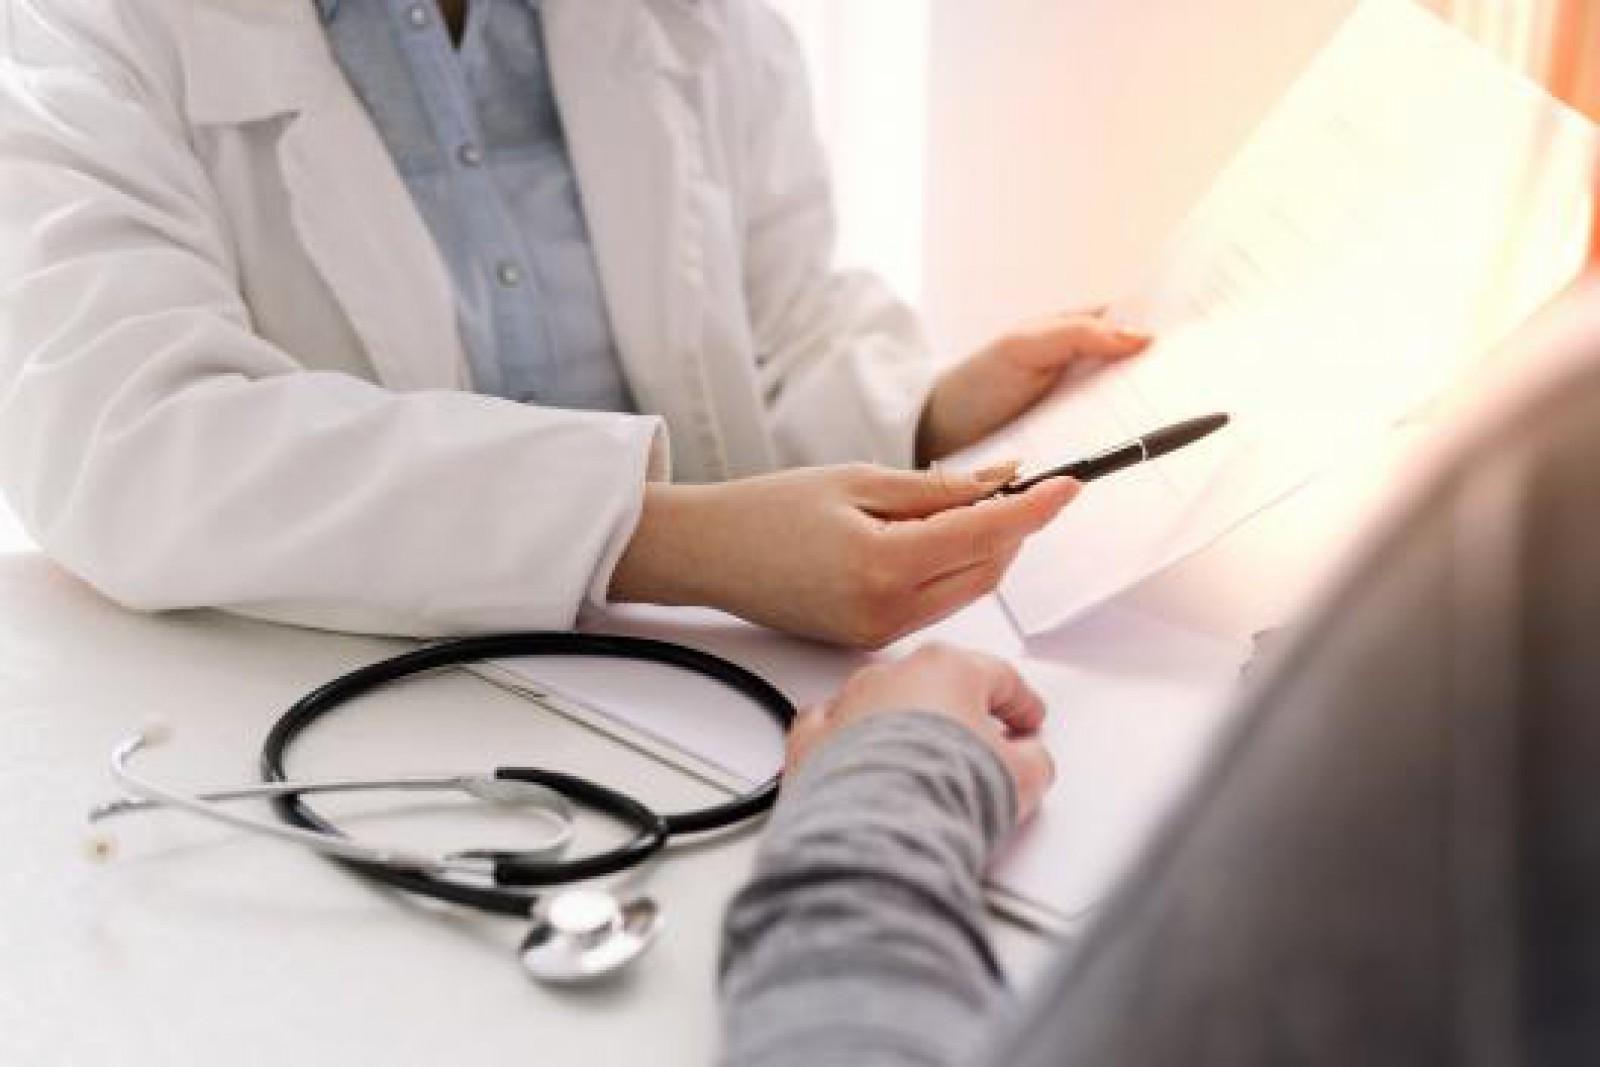 """Ministerul Sănătății răspunde acuzațiilor: """"Condamnăm cu vehemență astfel de activități ilicite în rândul lucrătorilor medicali"""""""